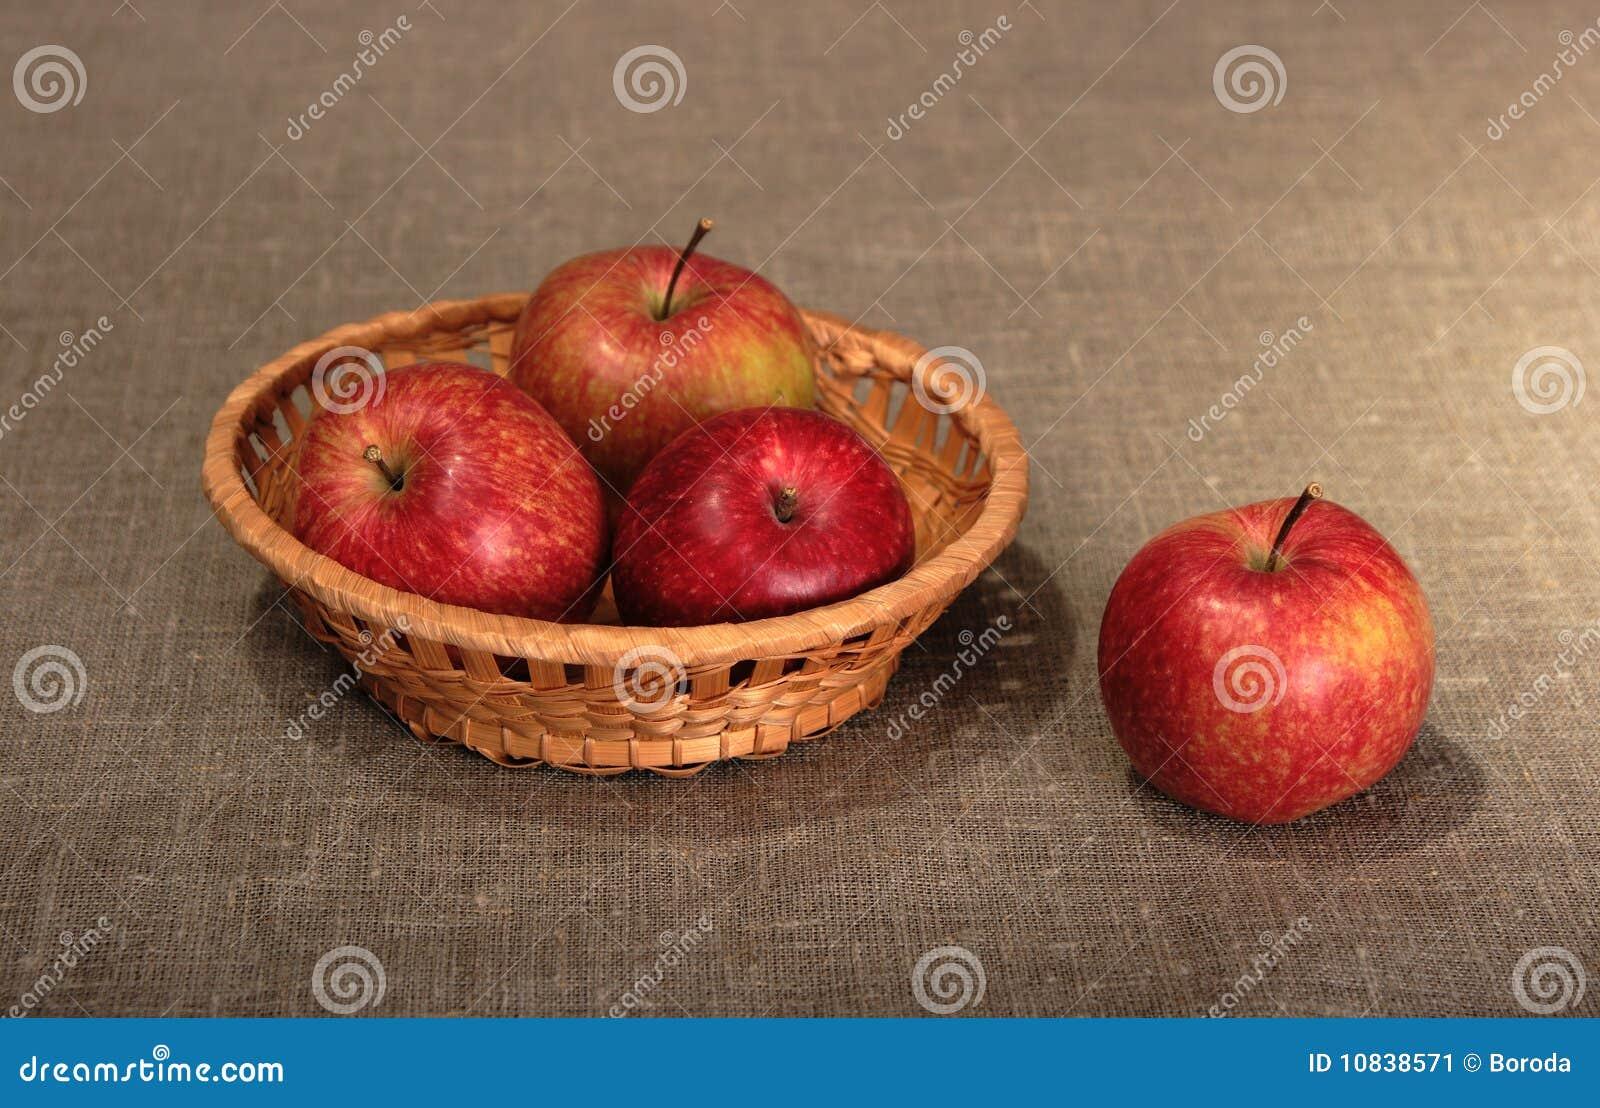 Gruppo di mele rosse in cestino immagine stock immagine - Immagini stampabili di mele ...